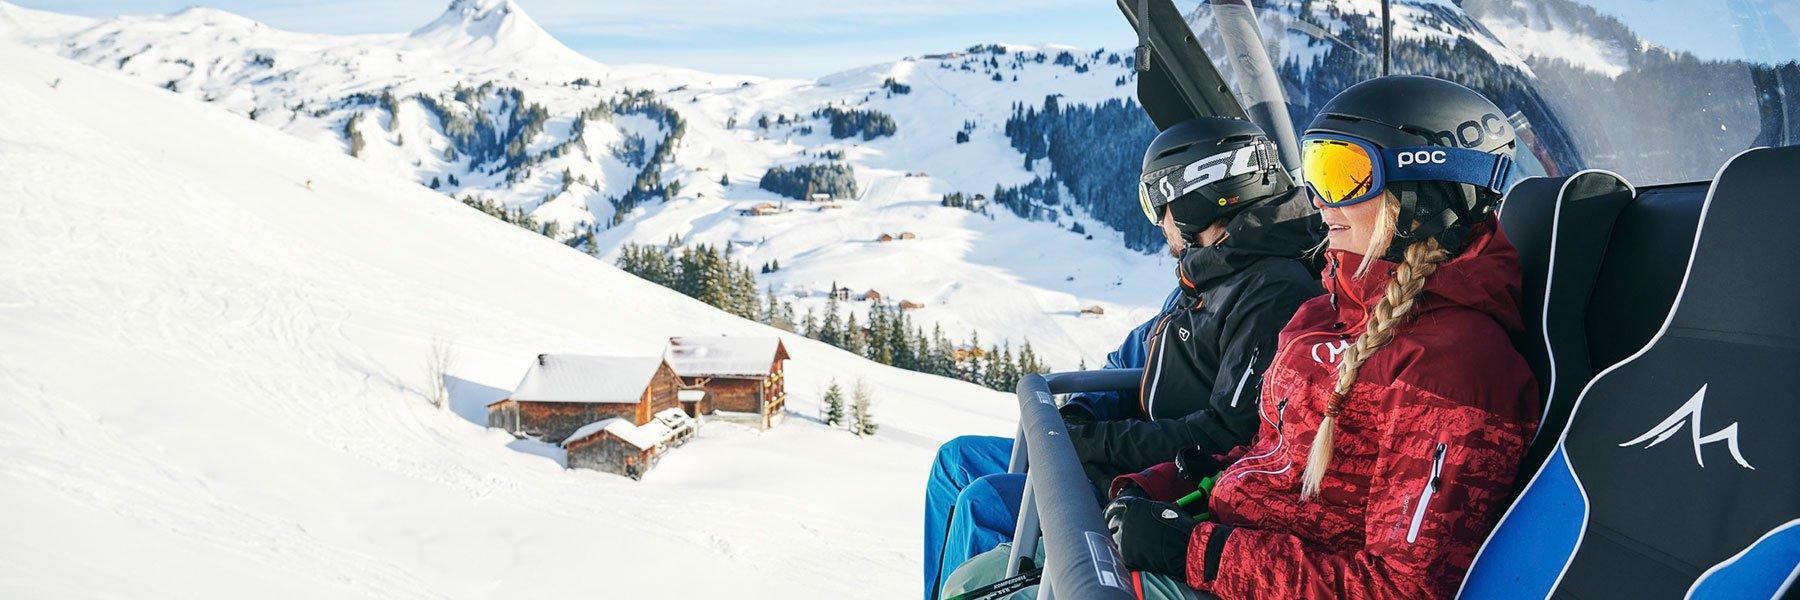 Exklusives Skivergnügen im Bregenzerwald